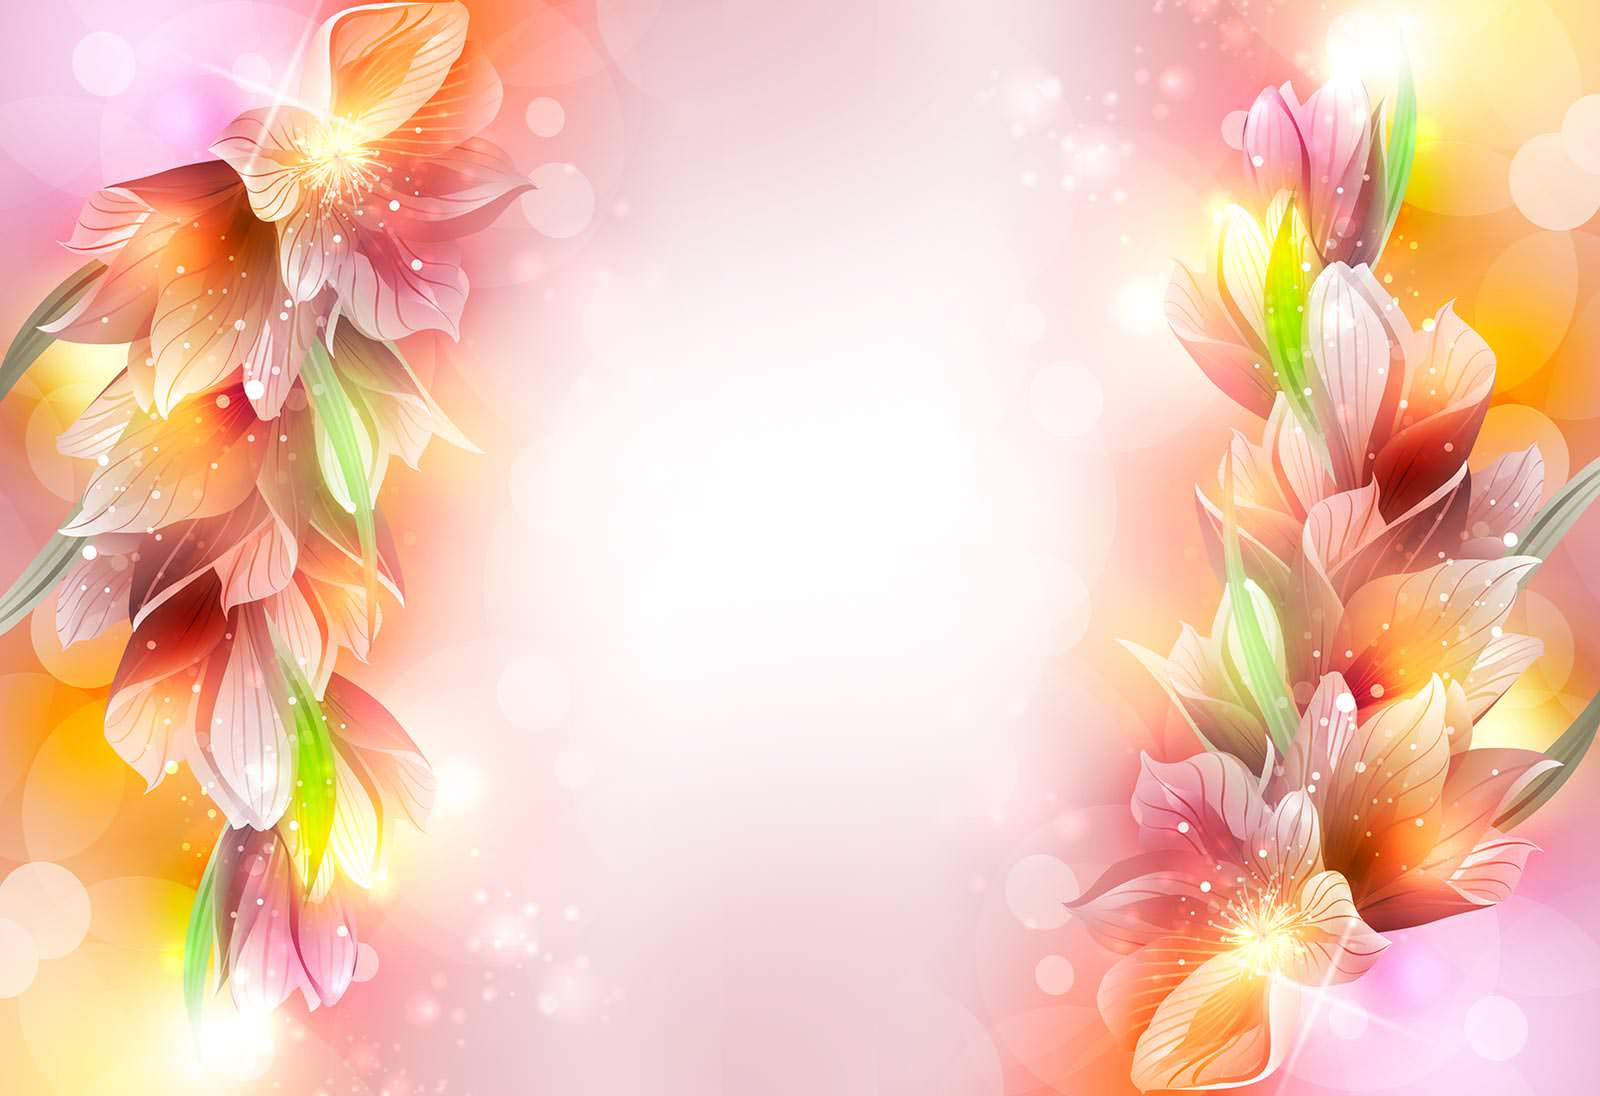 Красивые картинки с цветами для афиши они